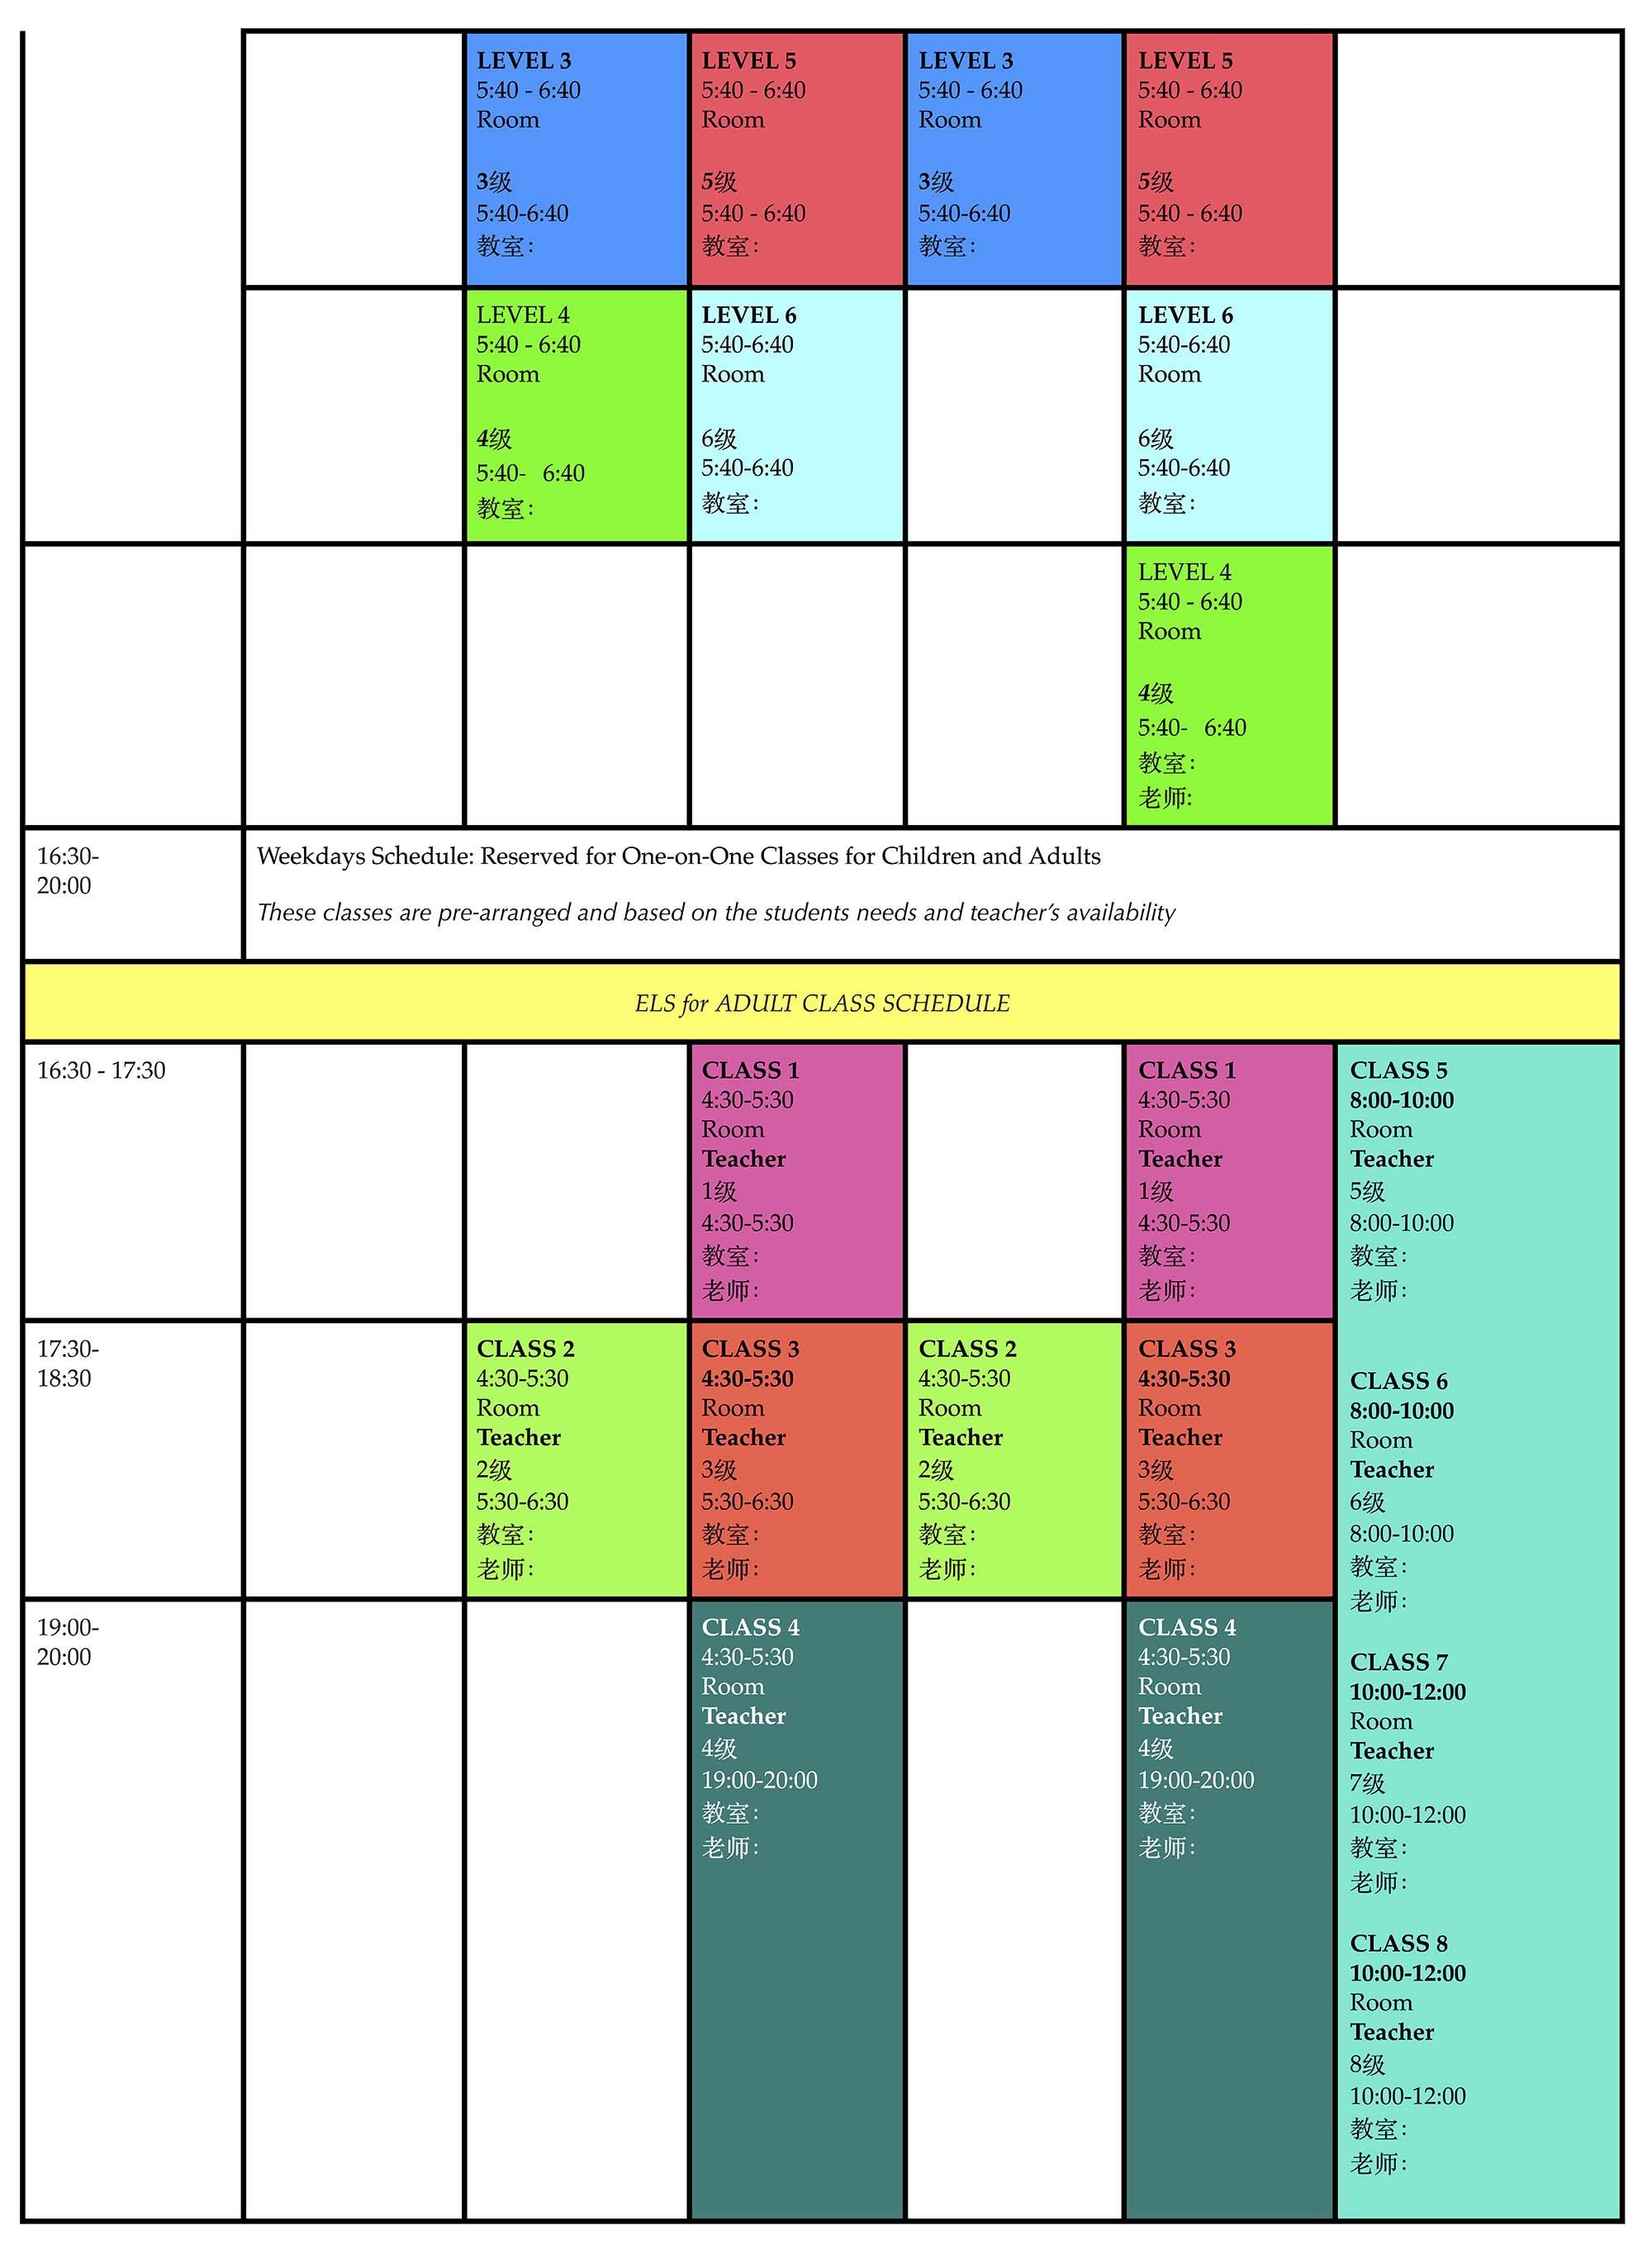 ELS Schedule in numbers file4.jpg